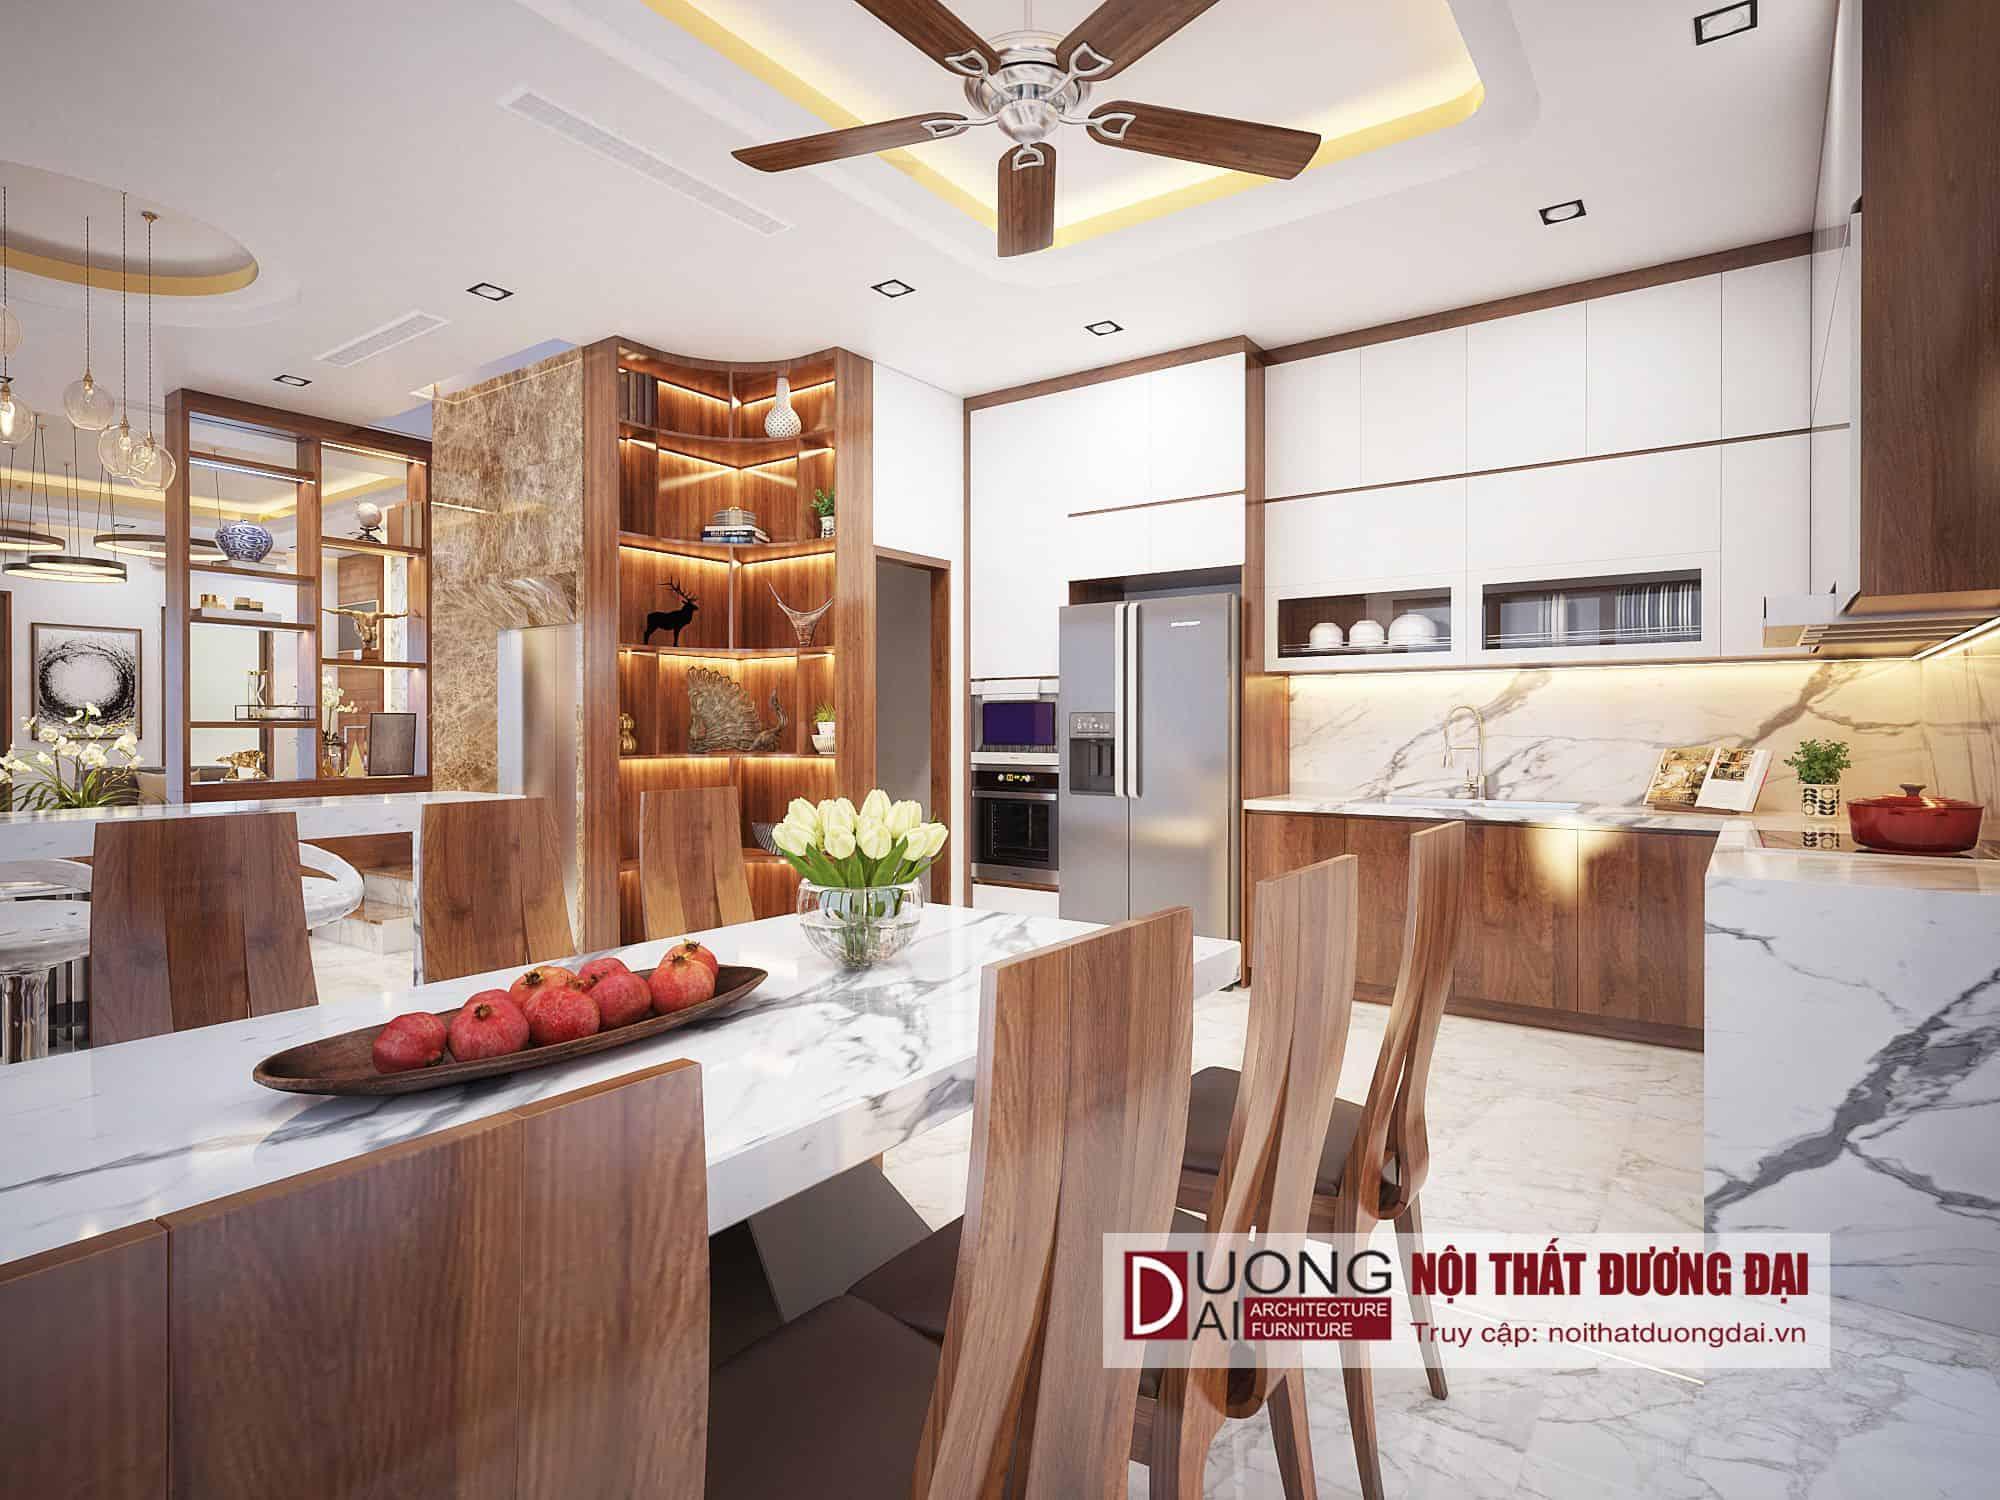 Thiết kế và thi công nội thất biệt thự gỗ công nghiệp